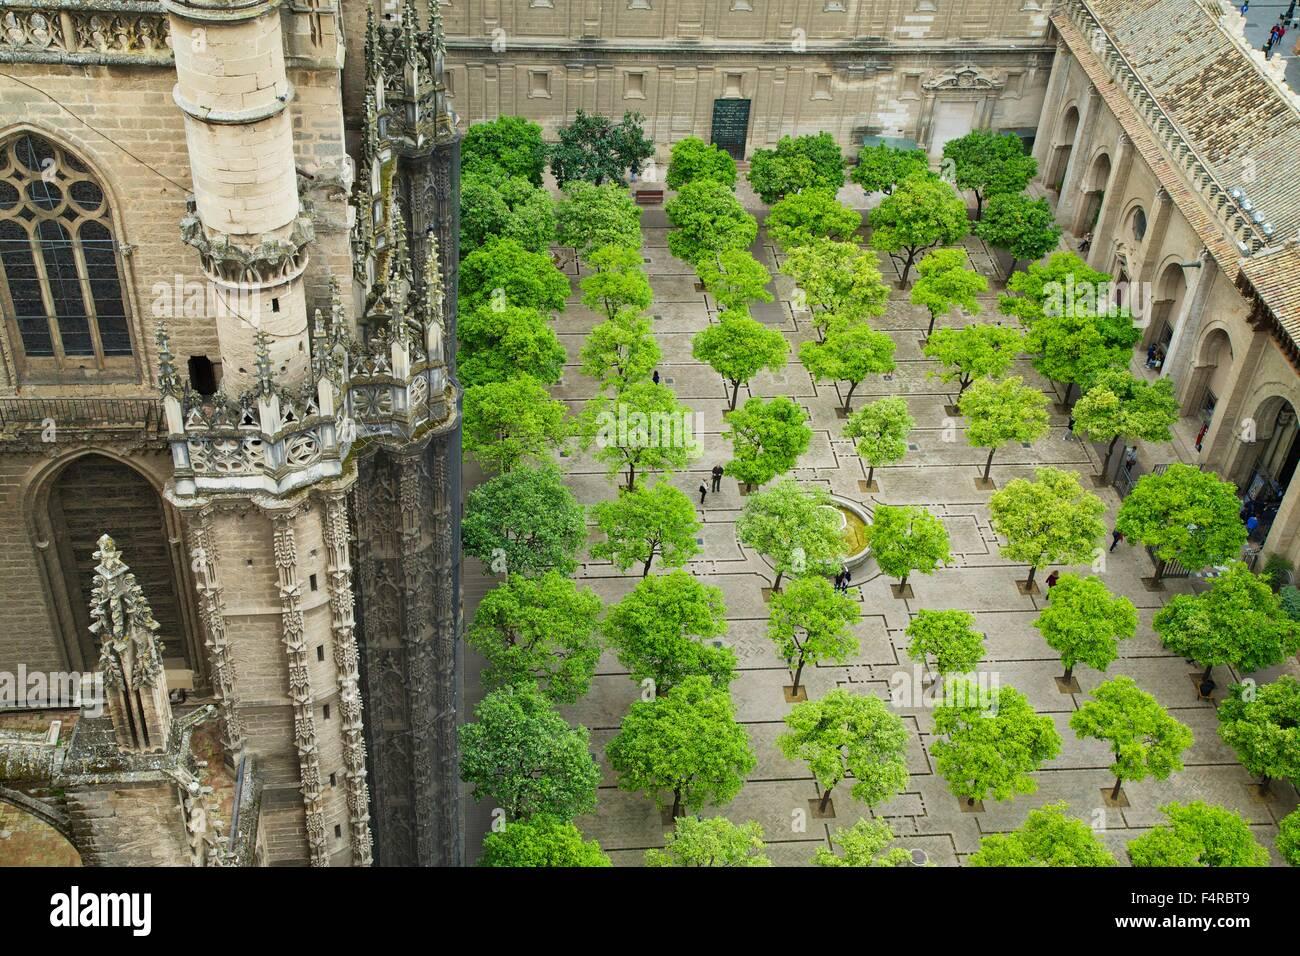 Patio de los Naranjos, Patio of the Oranges, from the ...